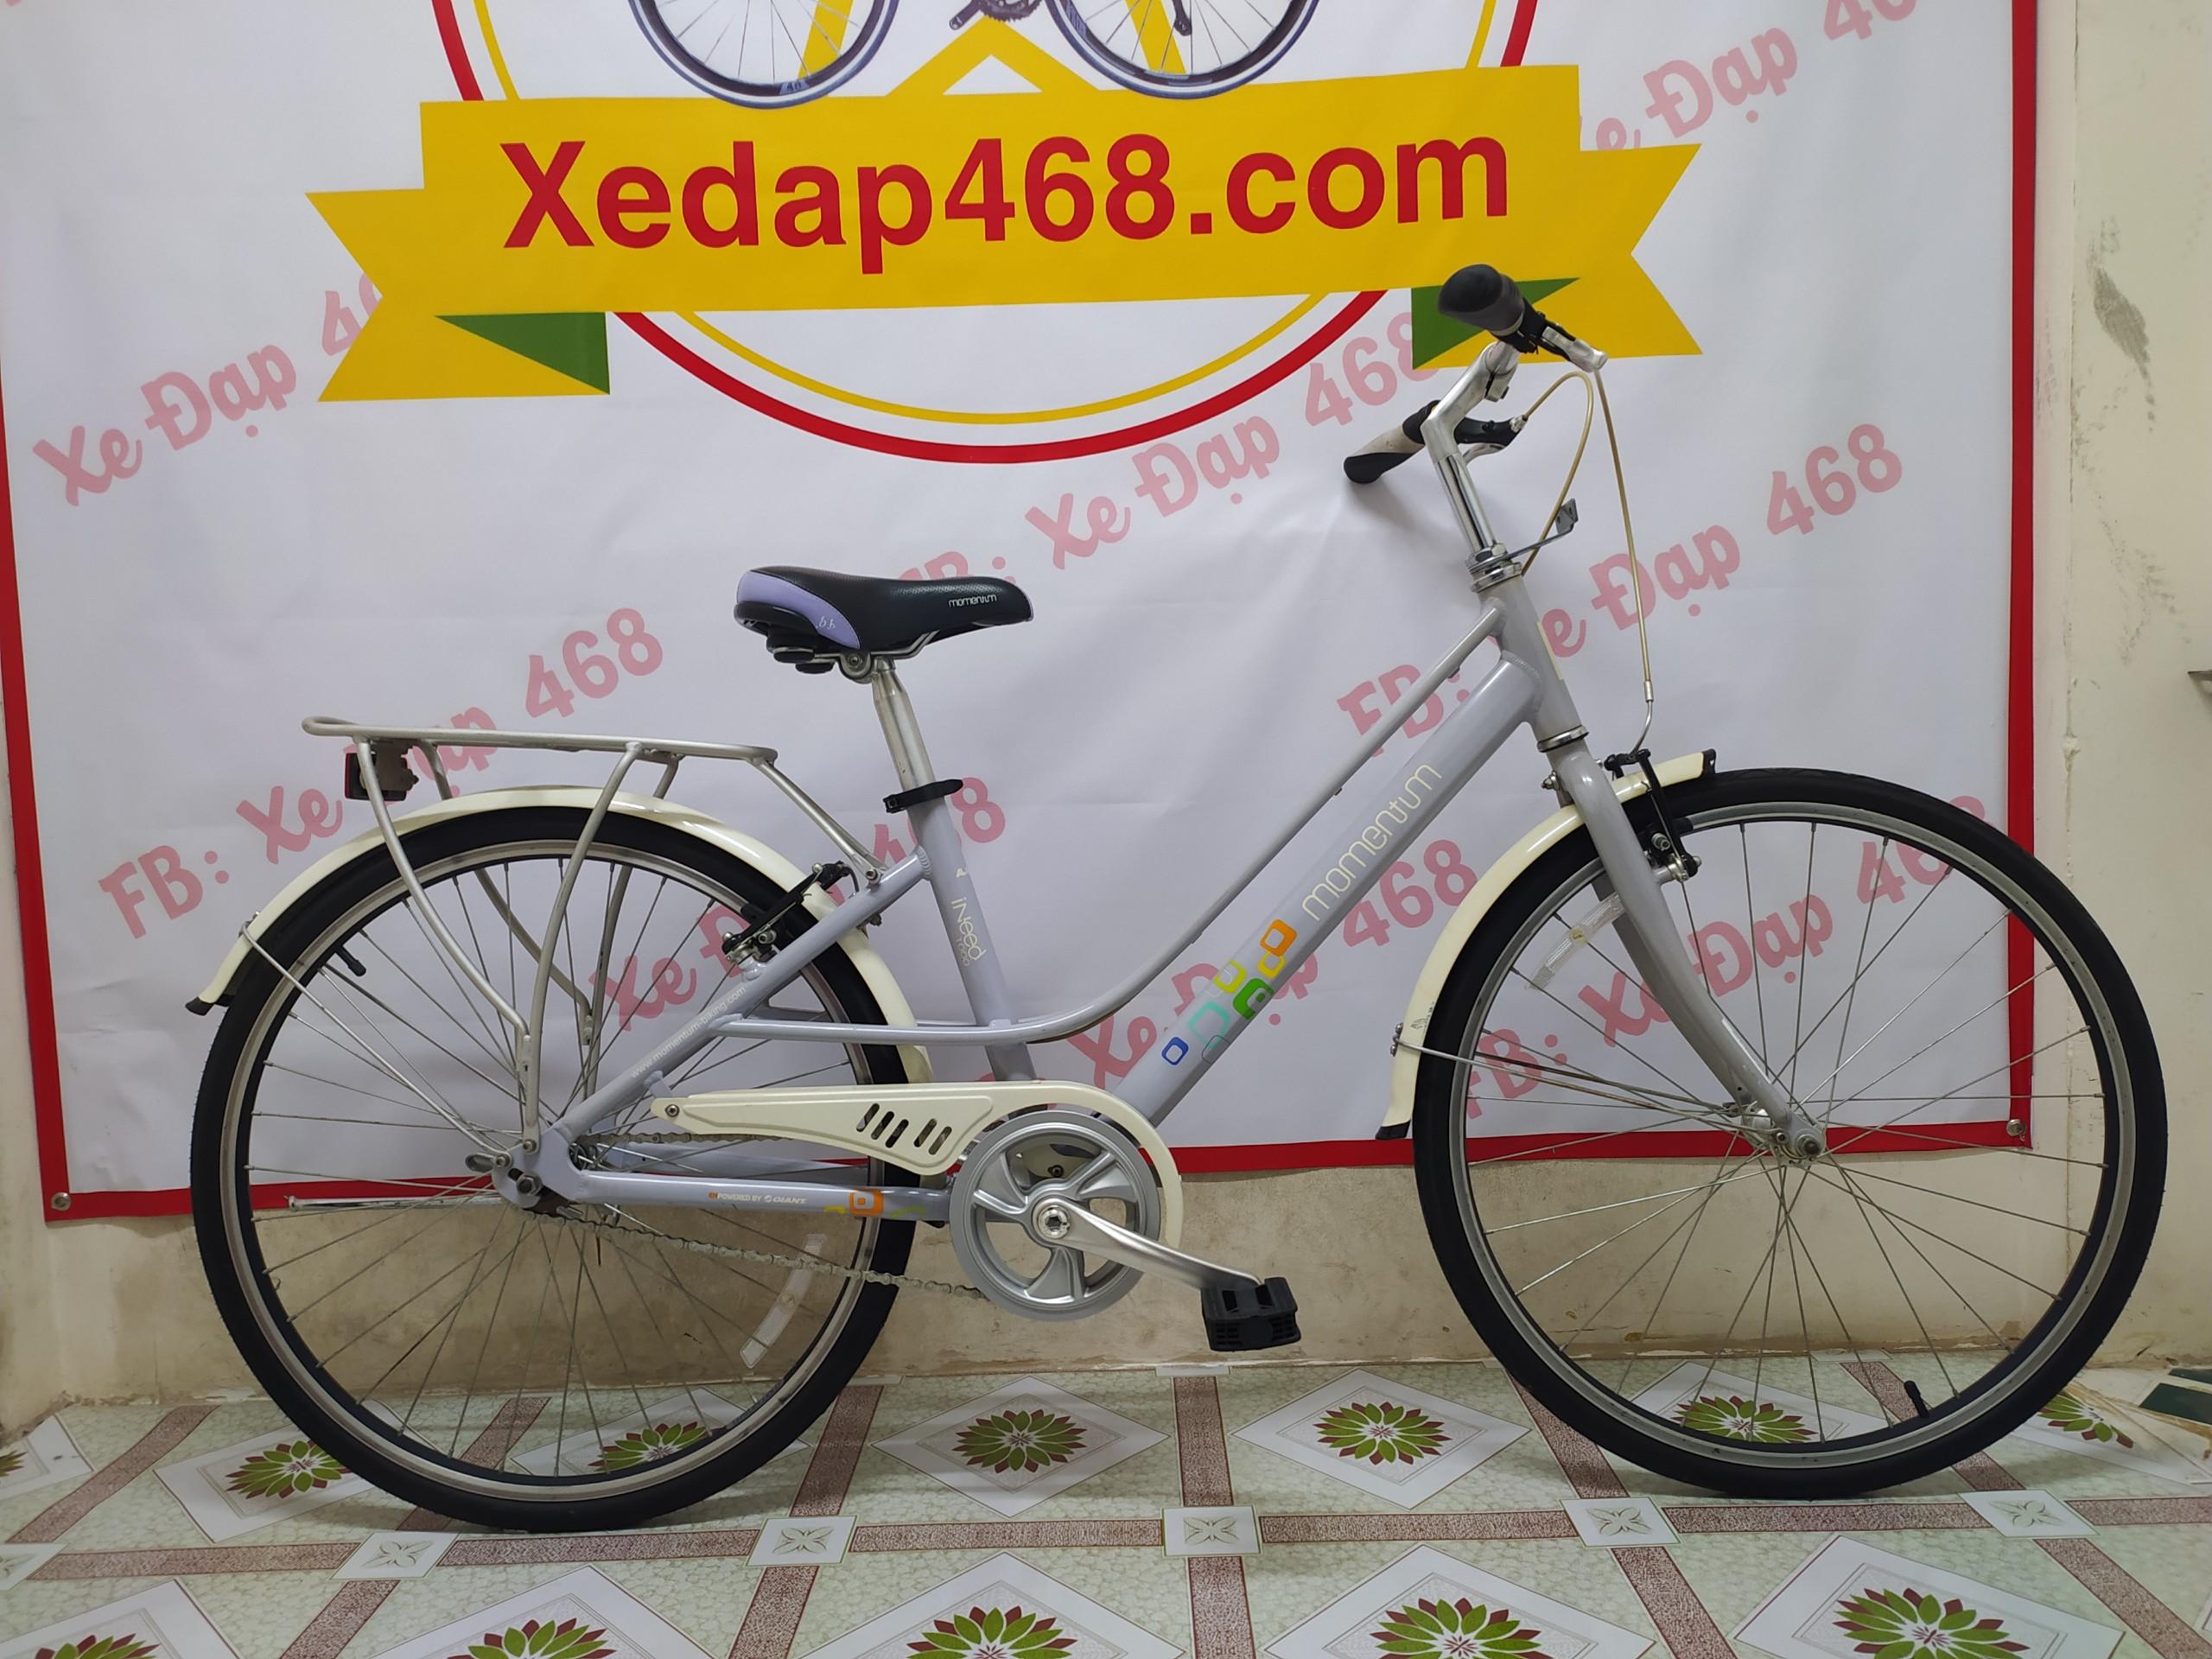 xe đạp cũ momentum